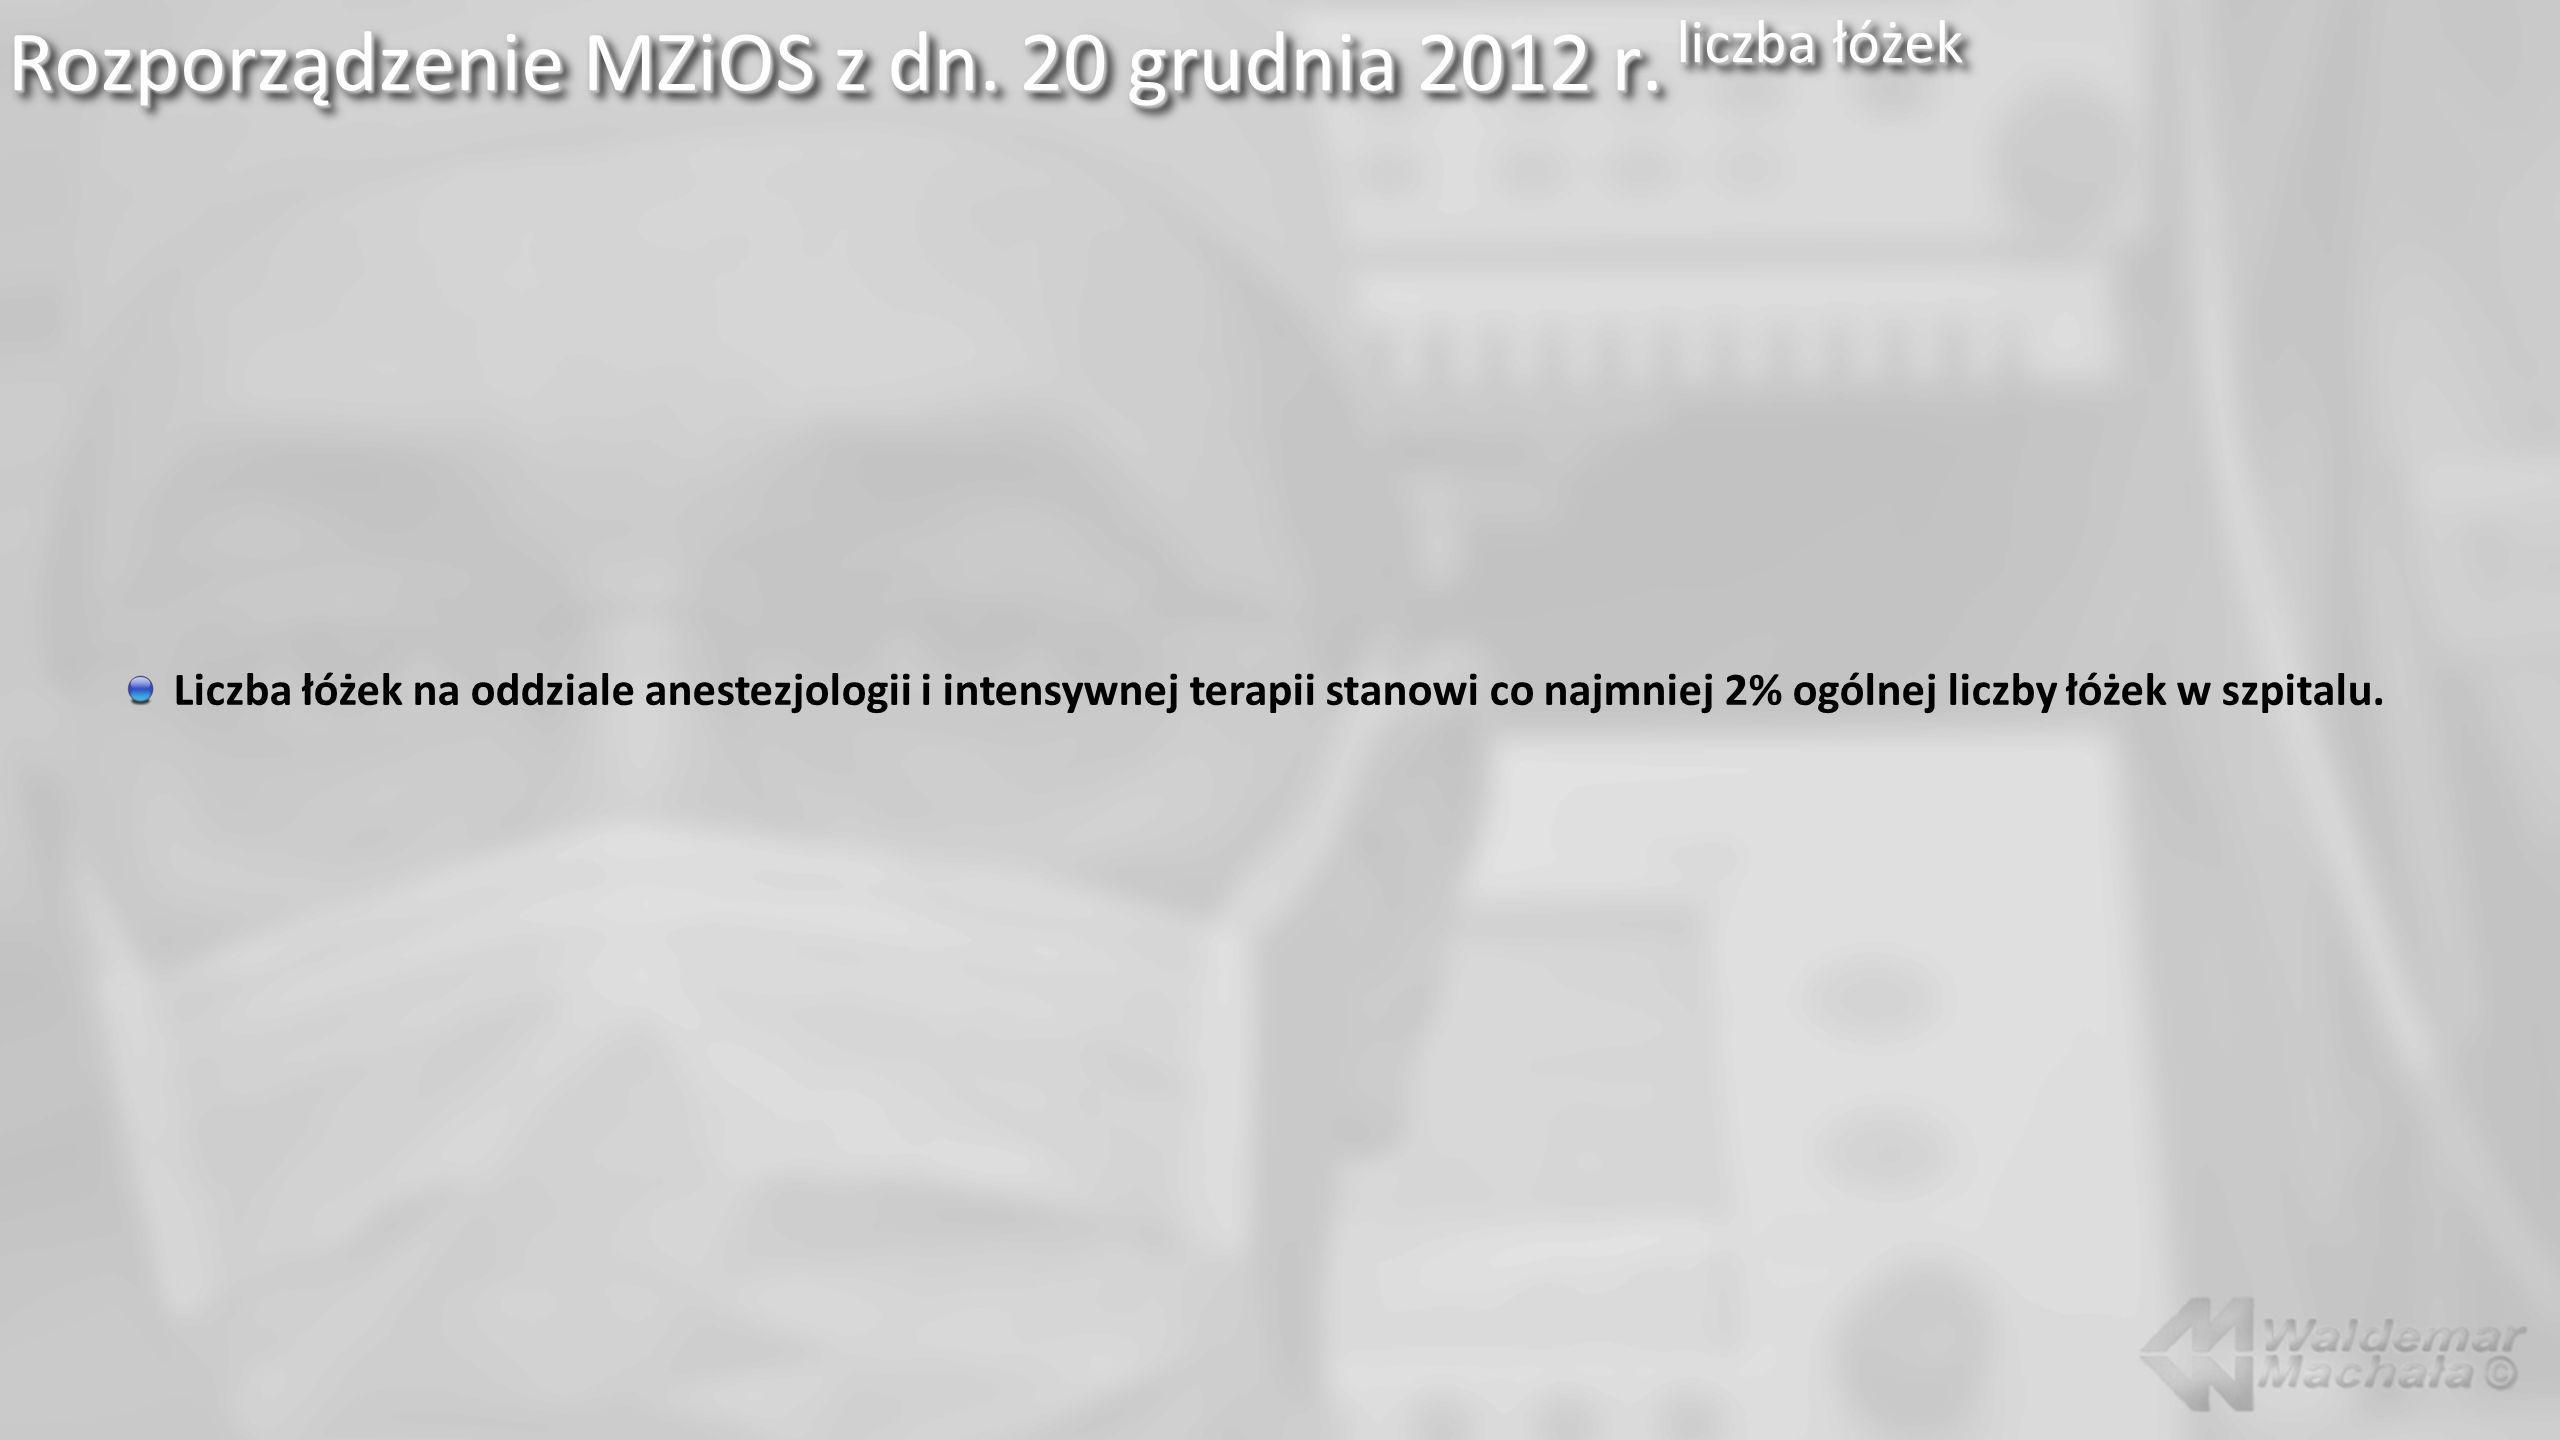 Rozporządzenie MZiOS z dn. 20 grudnia 2012 r. liczba łóżek Liczba łóżek na oddziale anestezjologii i intensywnej terapii stanowi co najmniej 2% ogólne